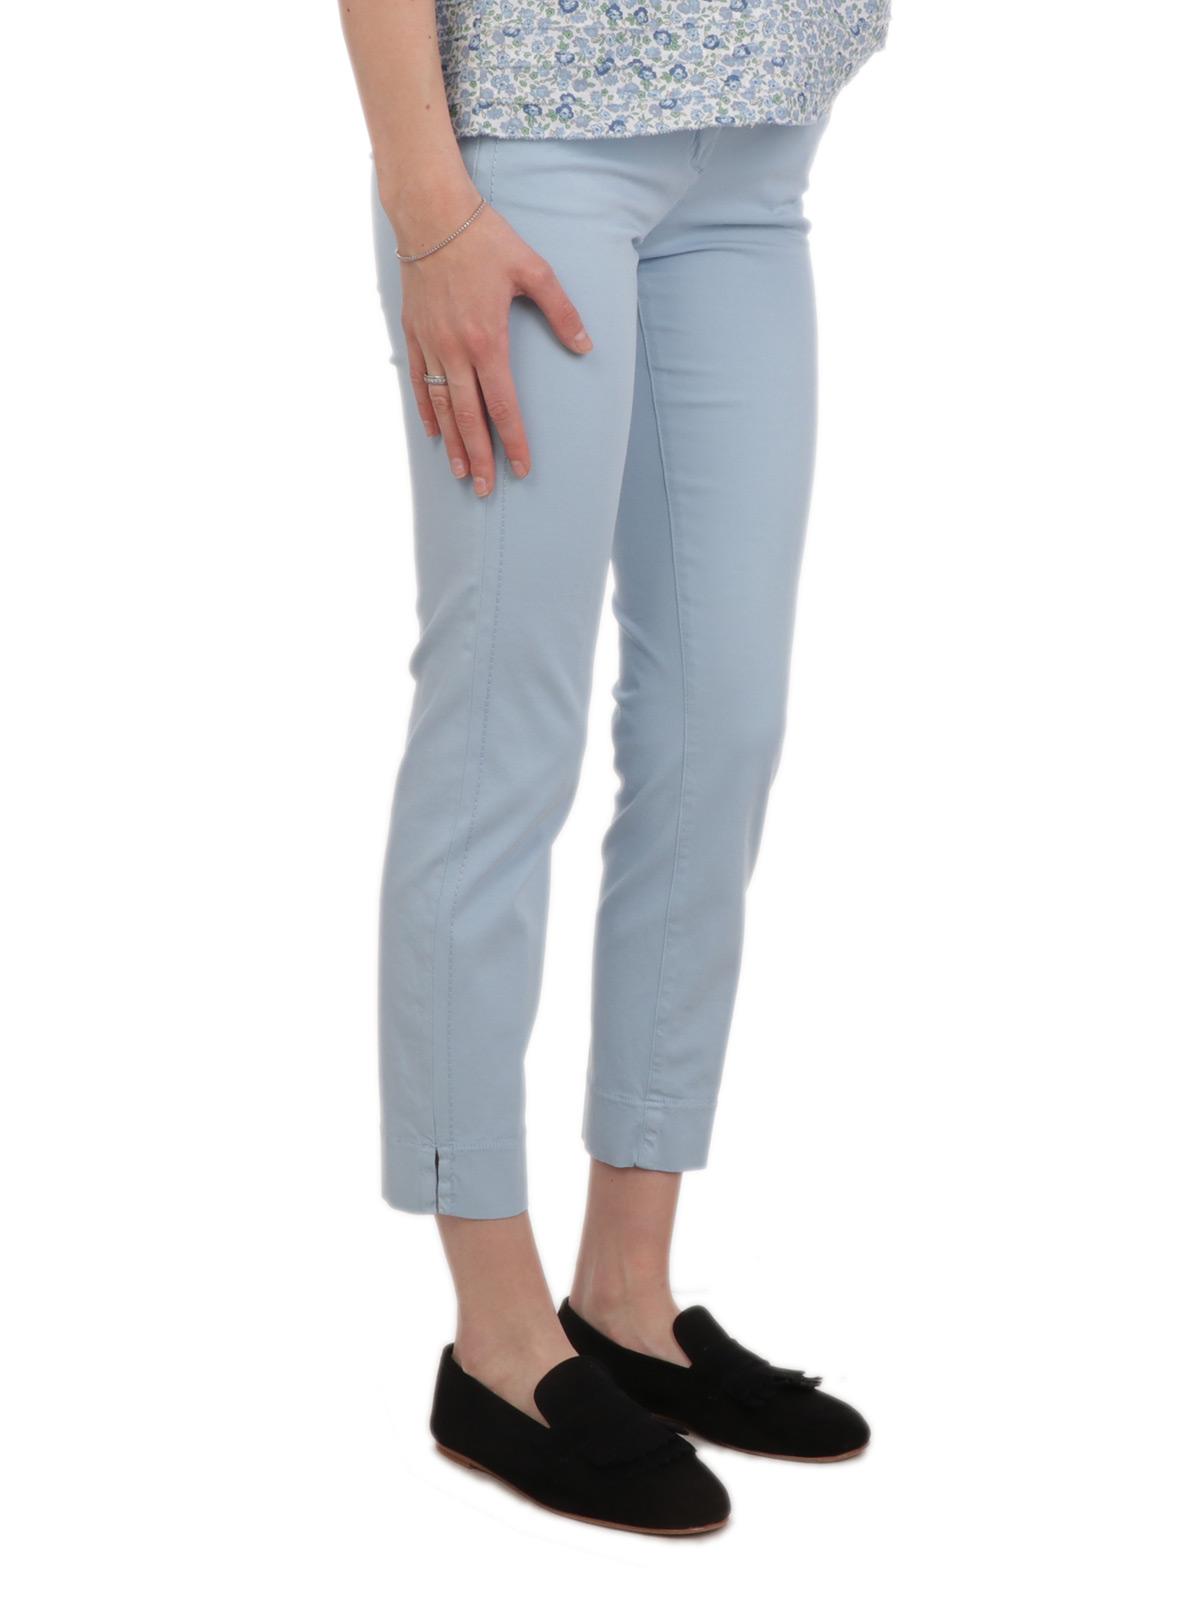 Immagine di VIA MASINI 80 | Pantalone Donna Elasticizzato